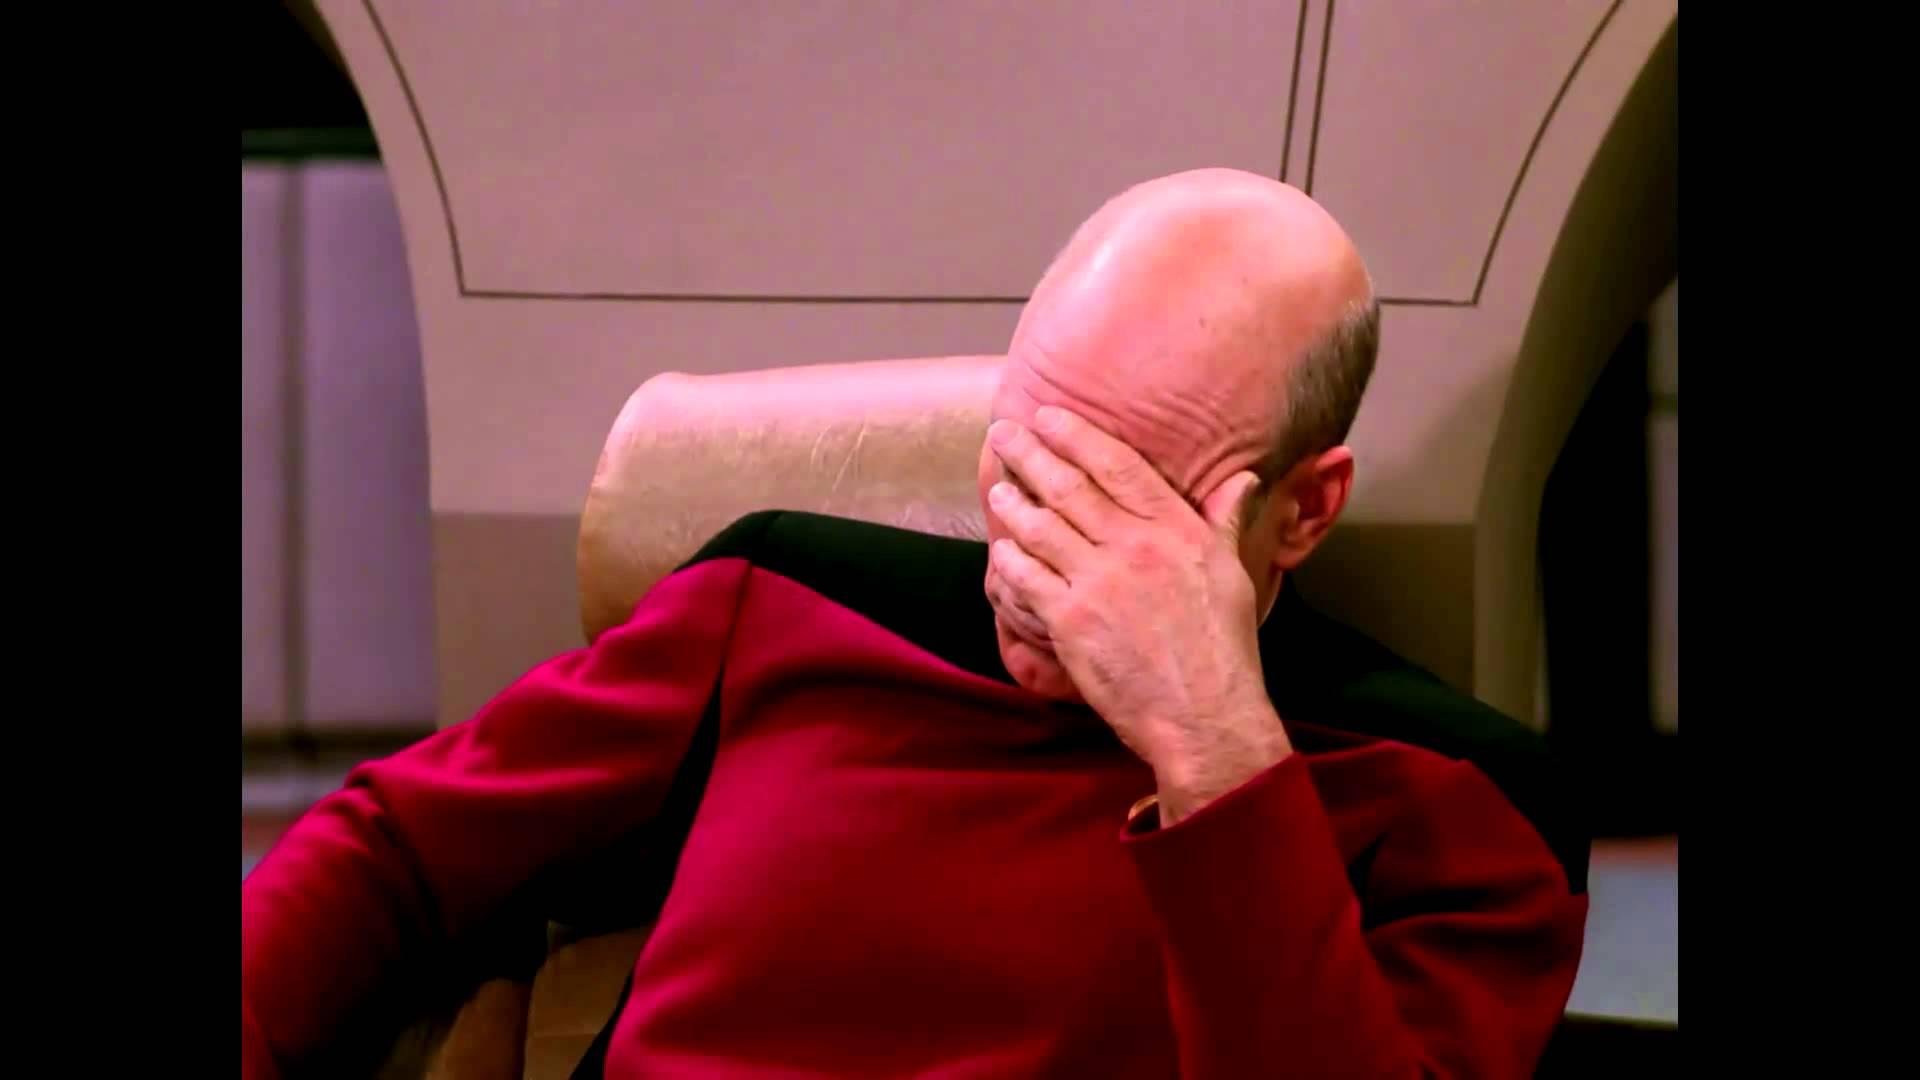 Picard-facepalm.jpg?ssl=1